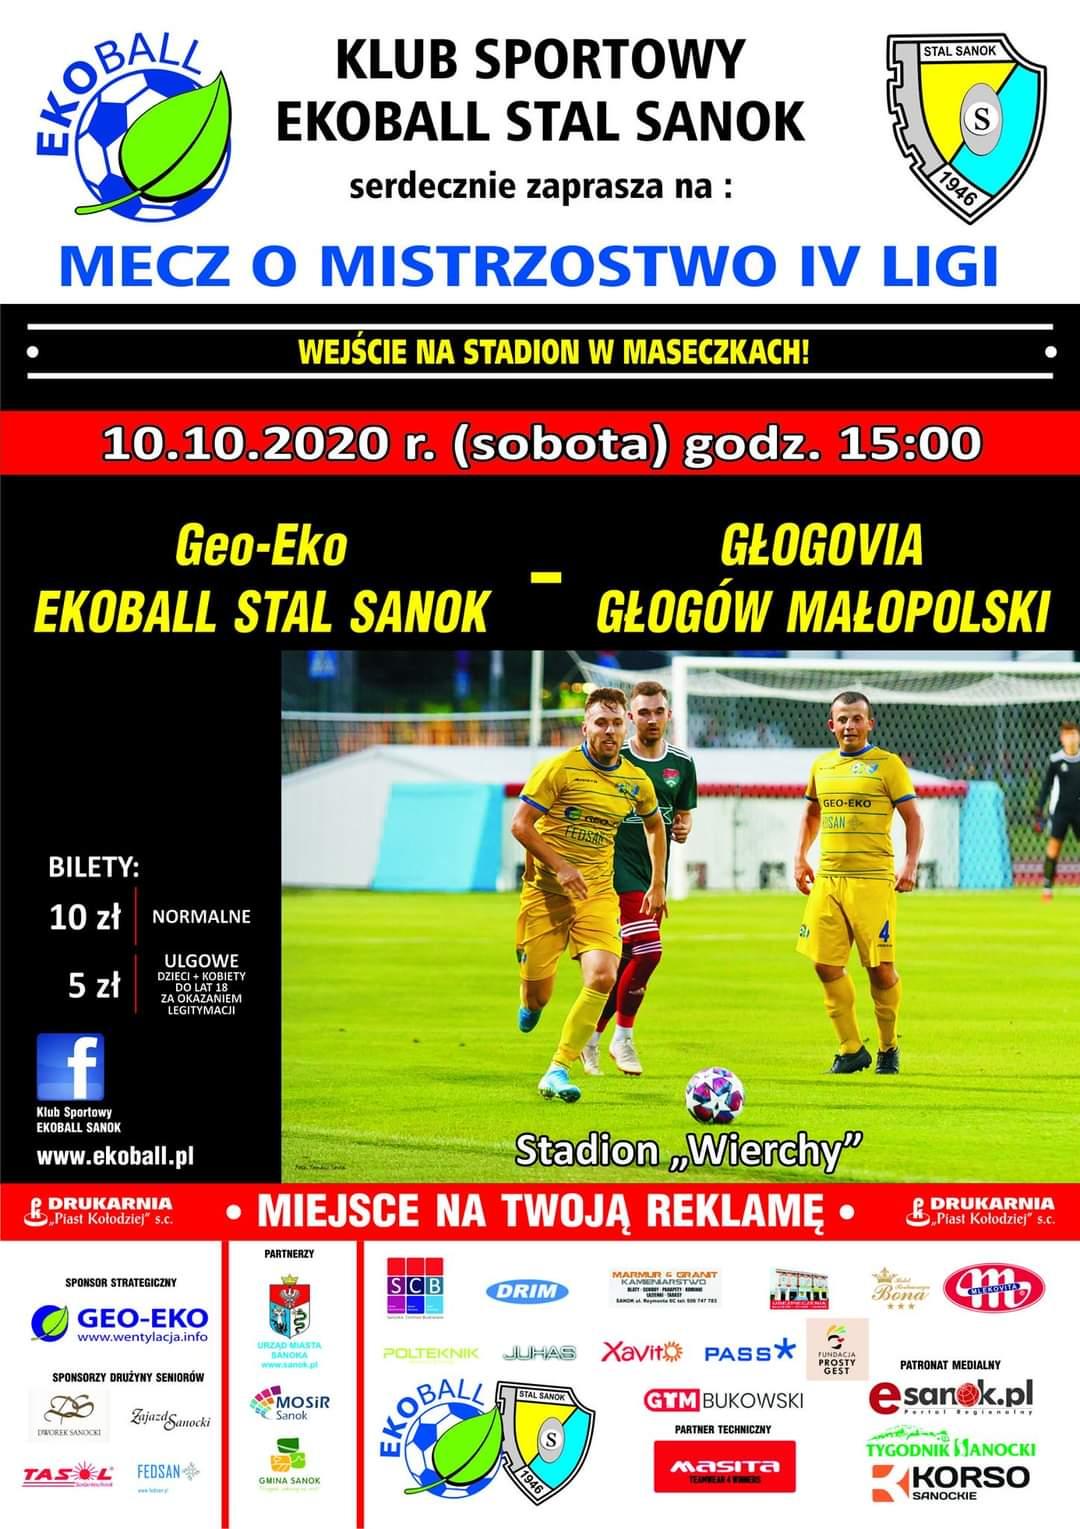 Ekoball Stal Sanok powalczy o komplet punktów z Głogovią w IV lidze - Zdjęcie główne